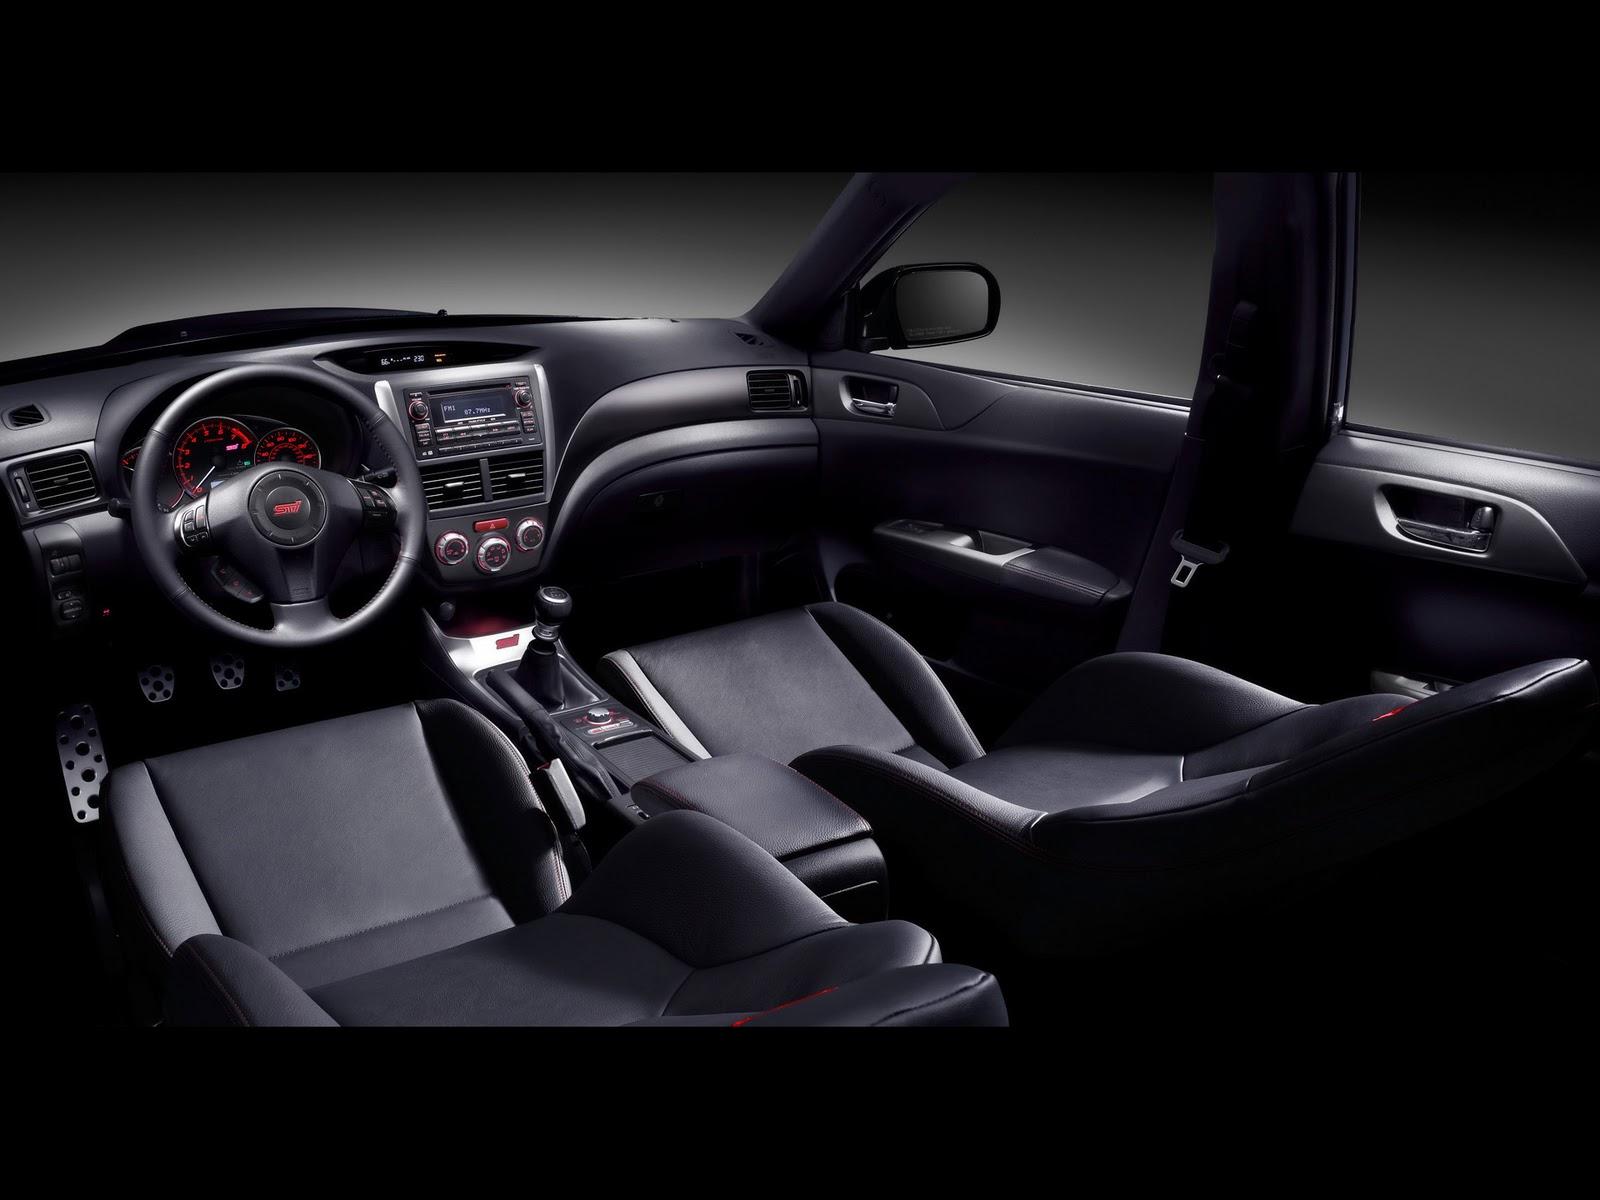 http://2.bp.blogspot.com/_viCh1SFyGrA/TPHtrJfrLBI/AAAAAAAAAKs/tK_stCjW-sA/s1600/2011-Subaru-Impreza-WRX-STI-4-door-Interior-1920x1440.jpg